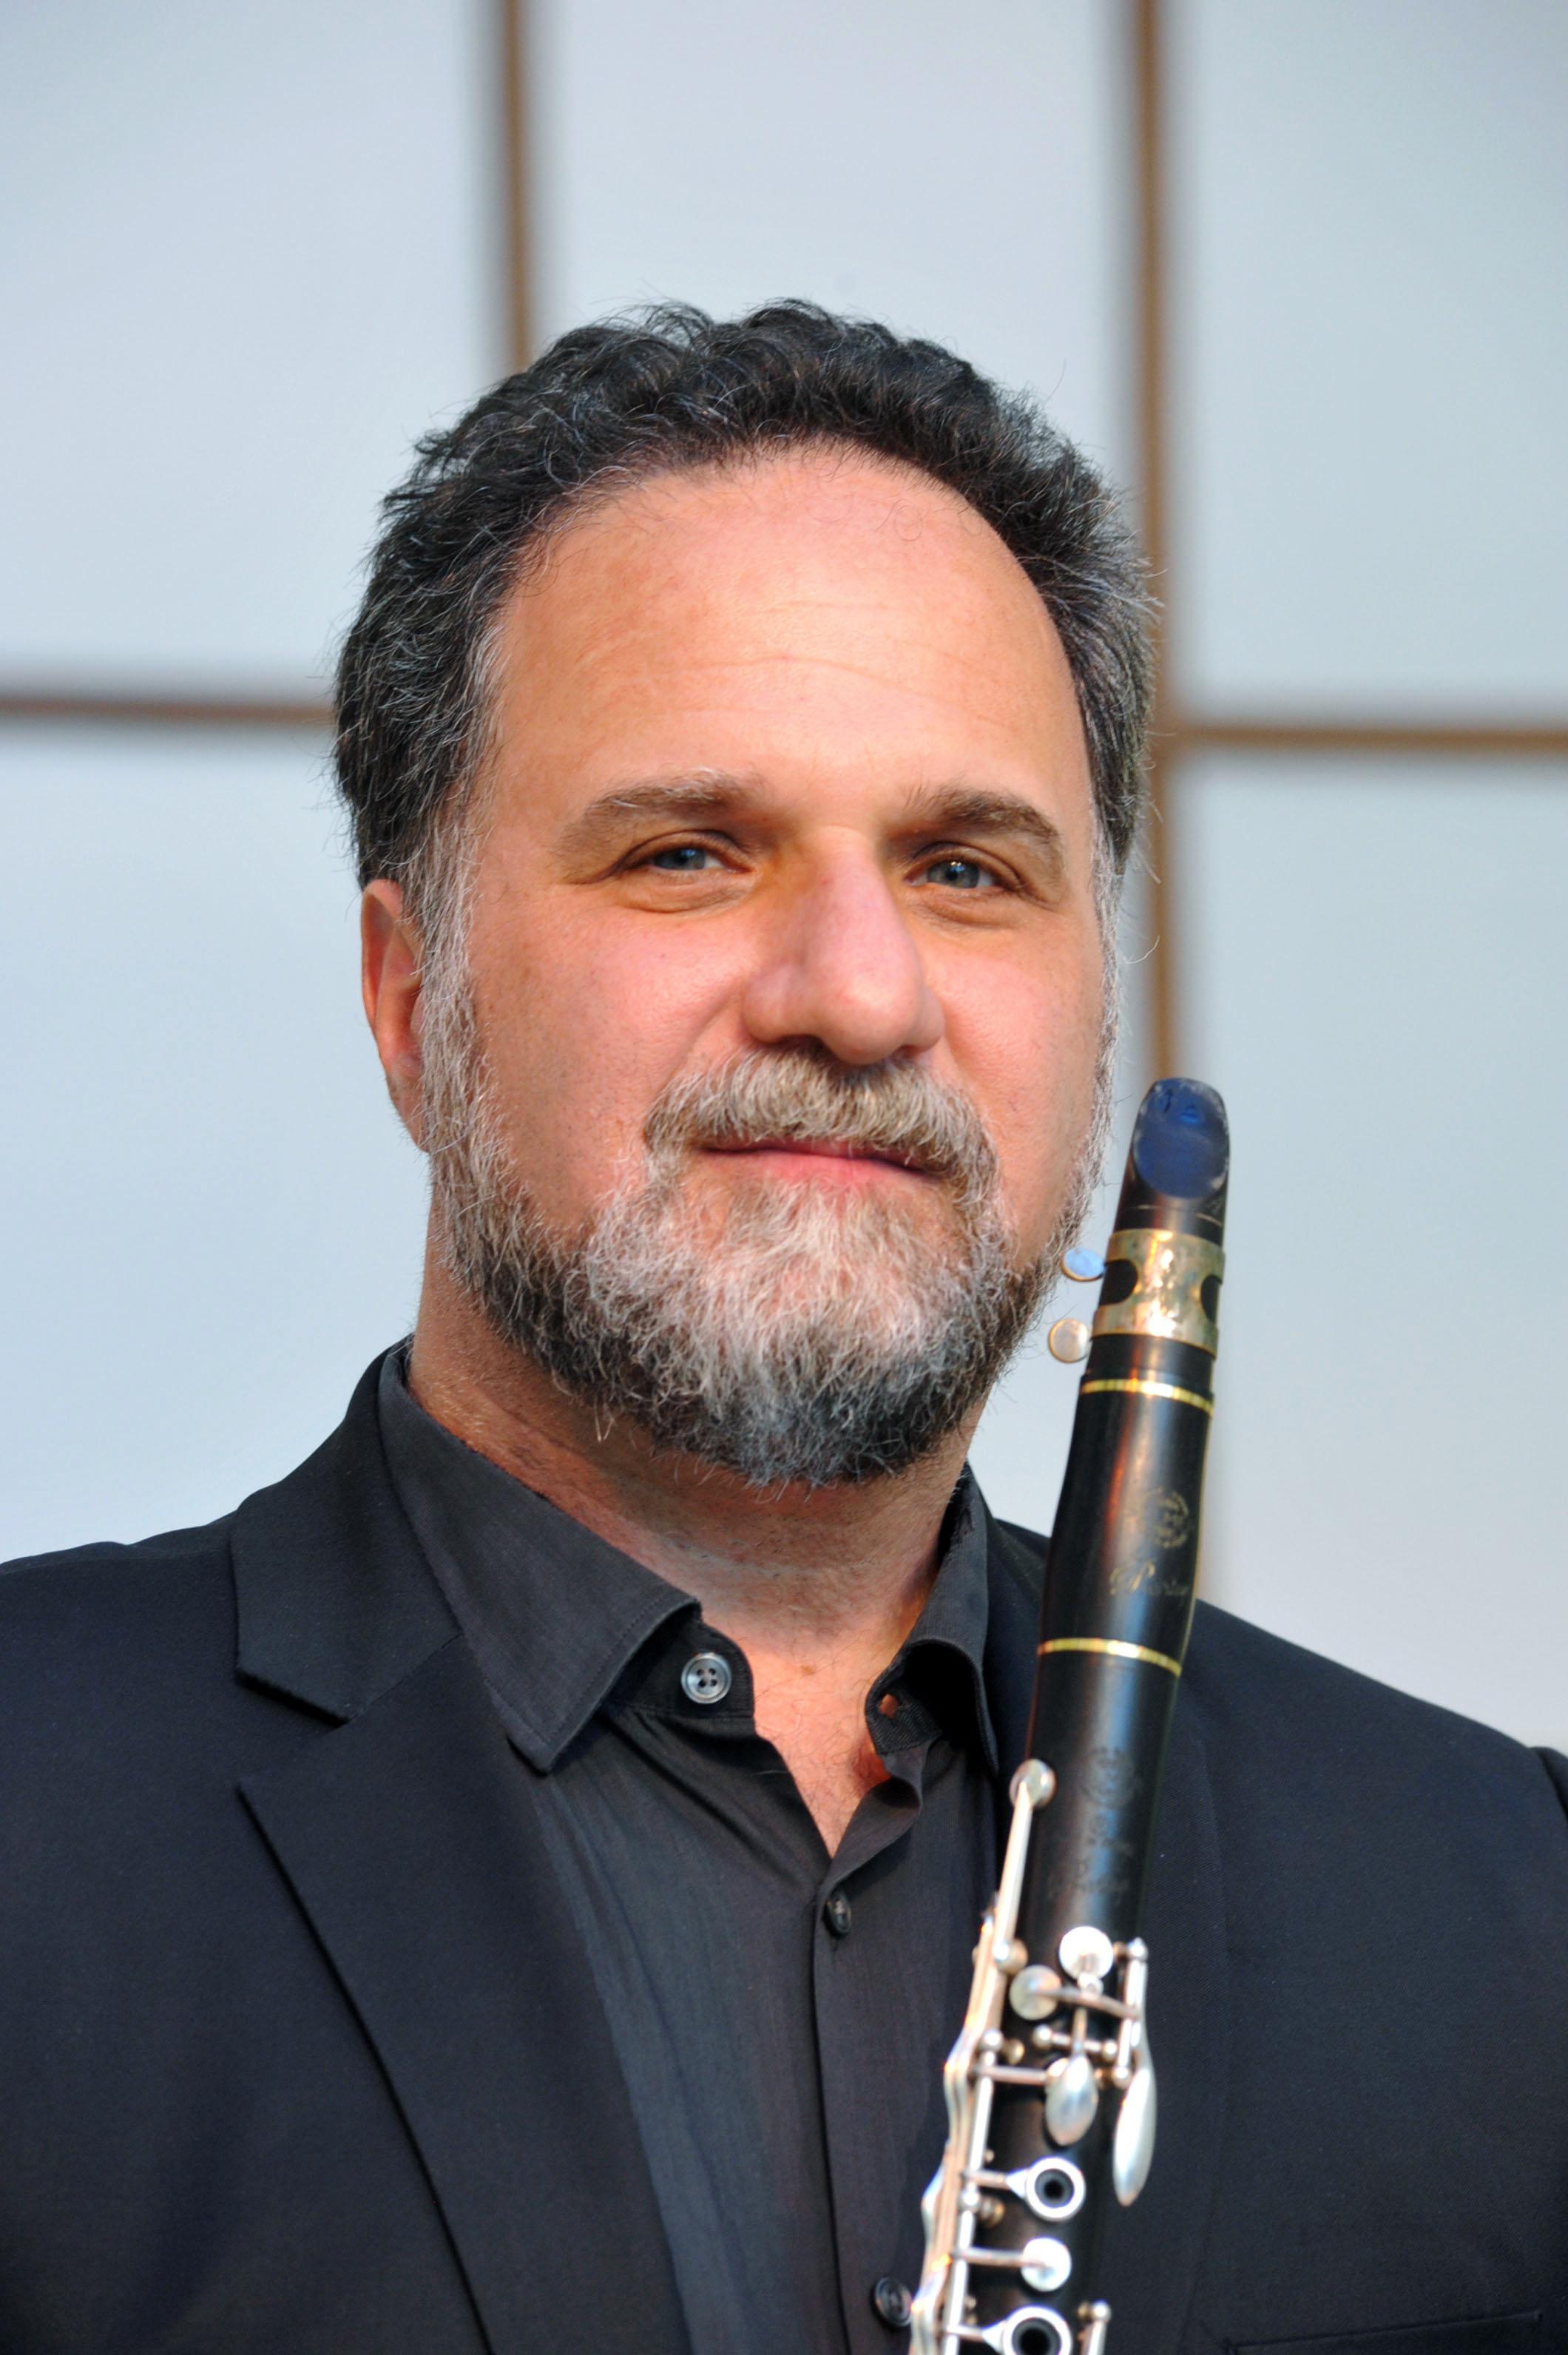 Juedisches museum berlin; vortrag und konzert von david krakauer; klarinettist